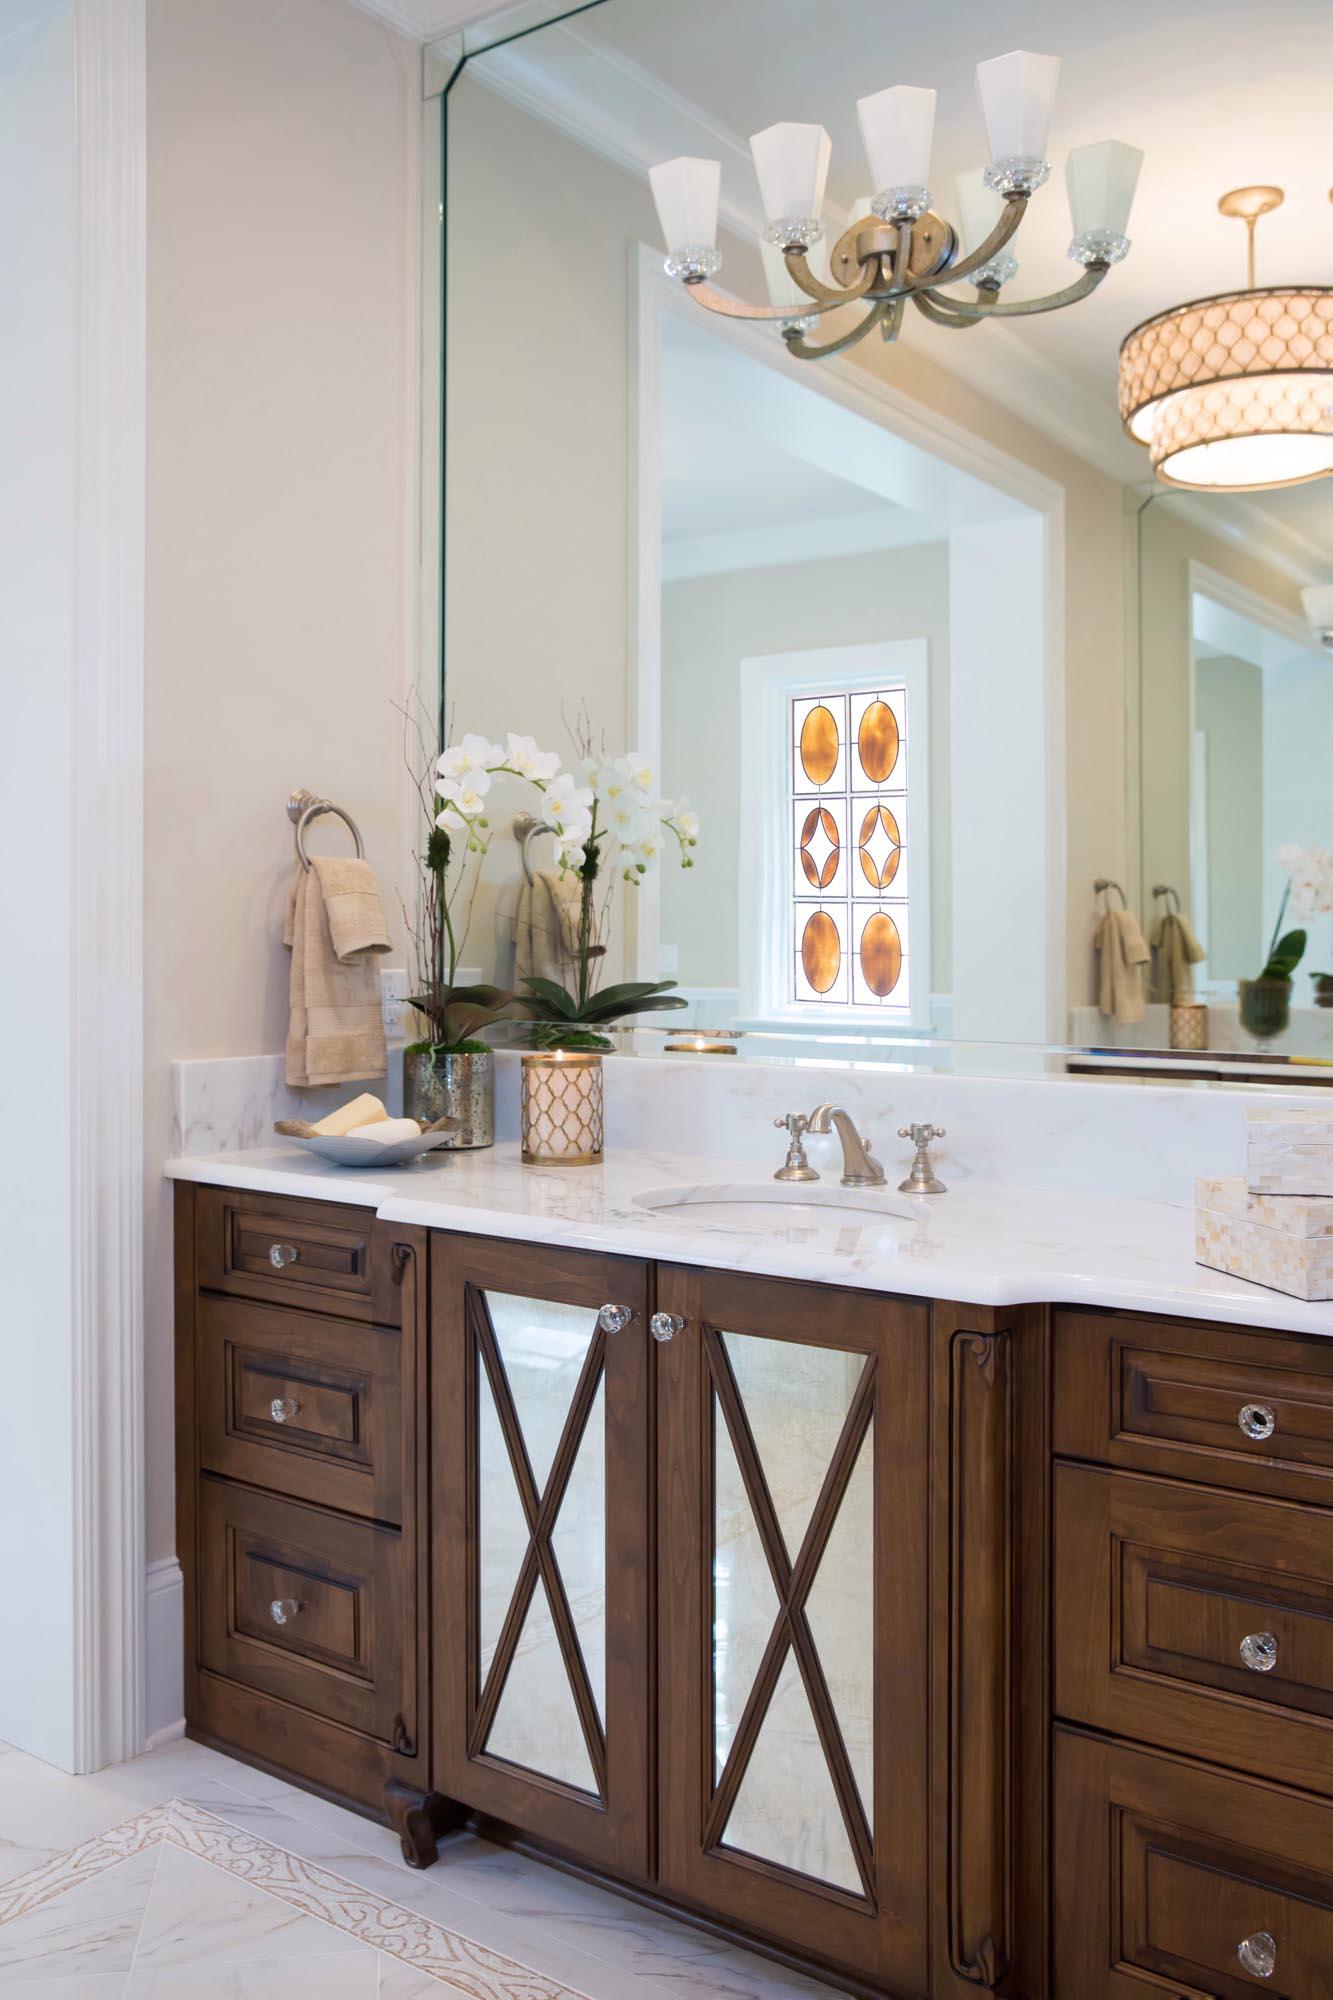 Luxury bath vanity with mirrored door fronts